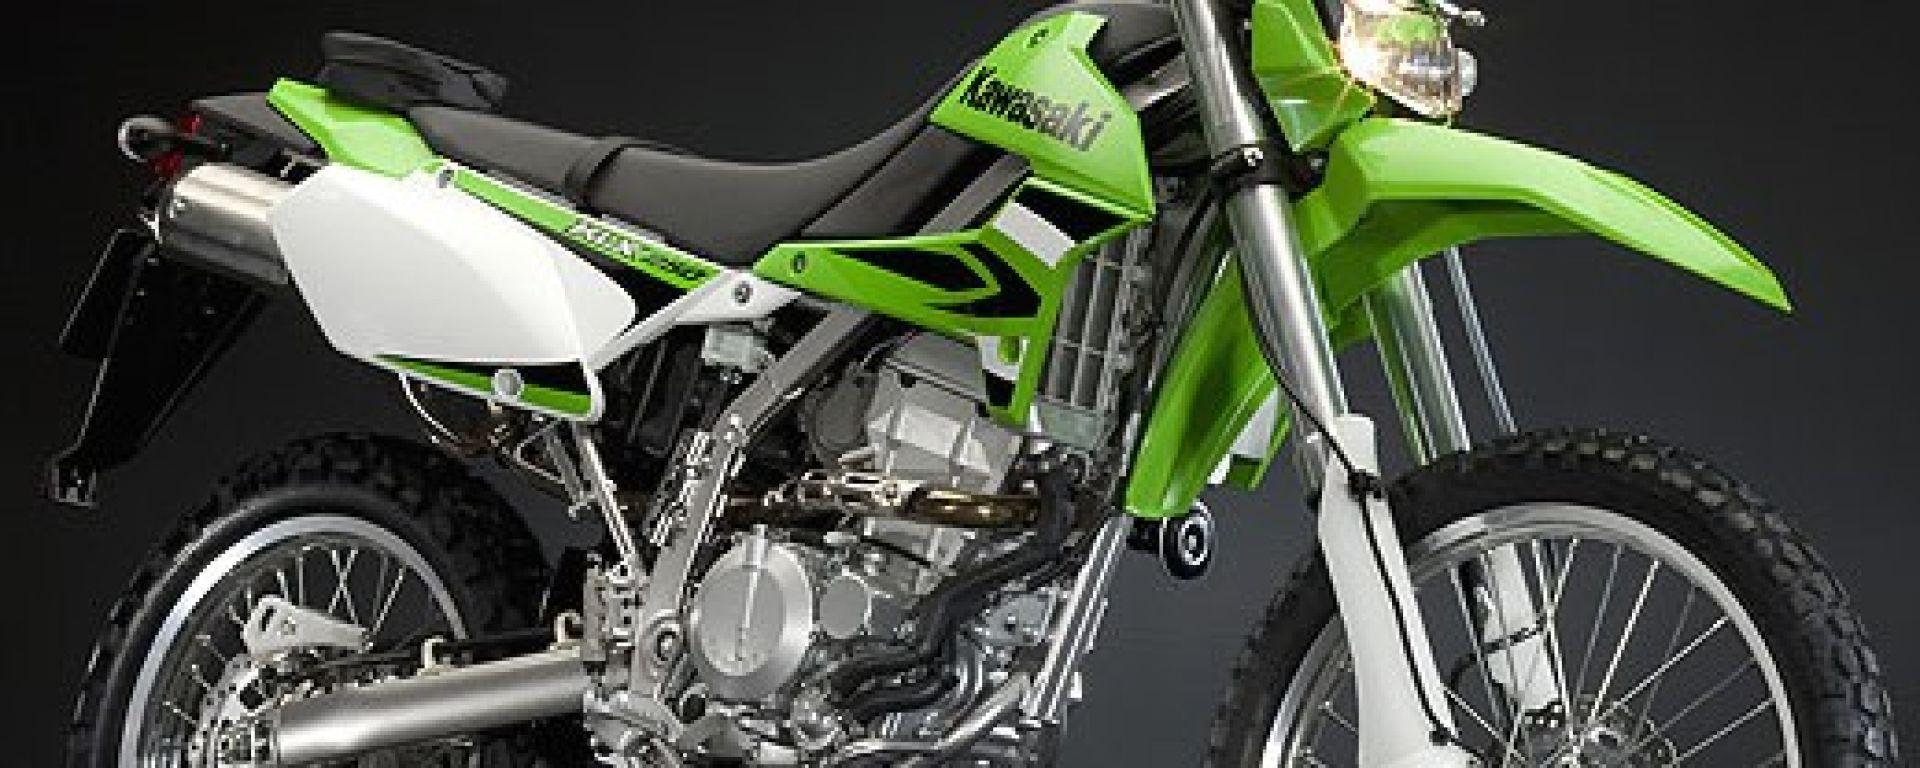 Kawasaki KLX 250 2009